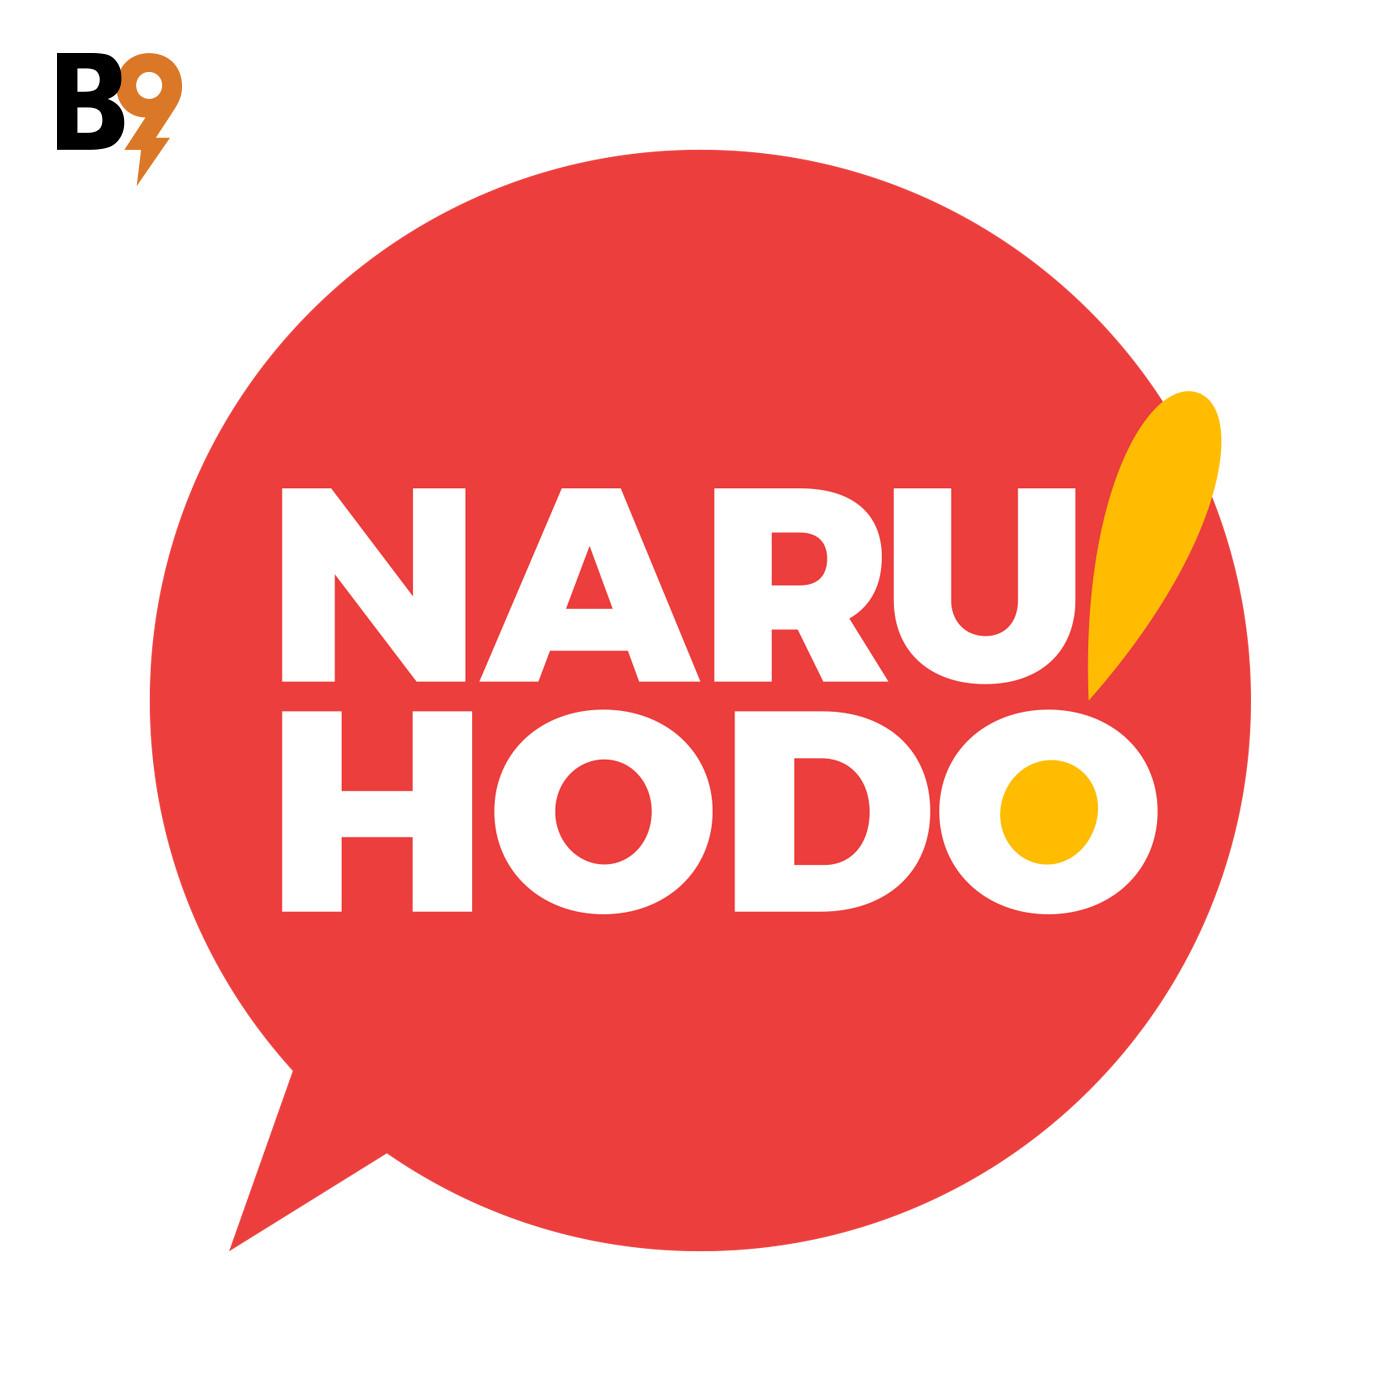 Naruhodo #253 - Por que sentimos nosso corpo formigar?